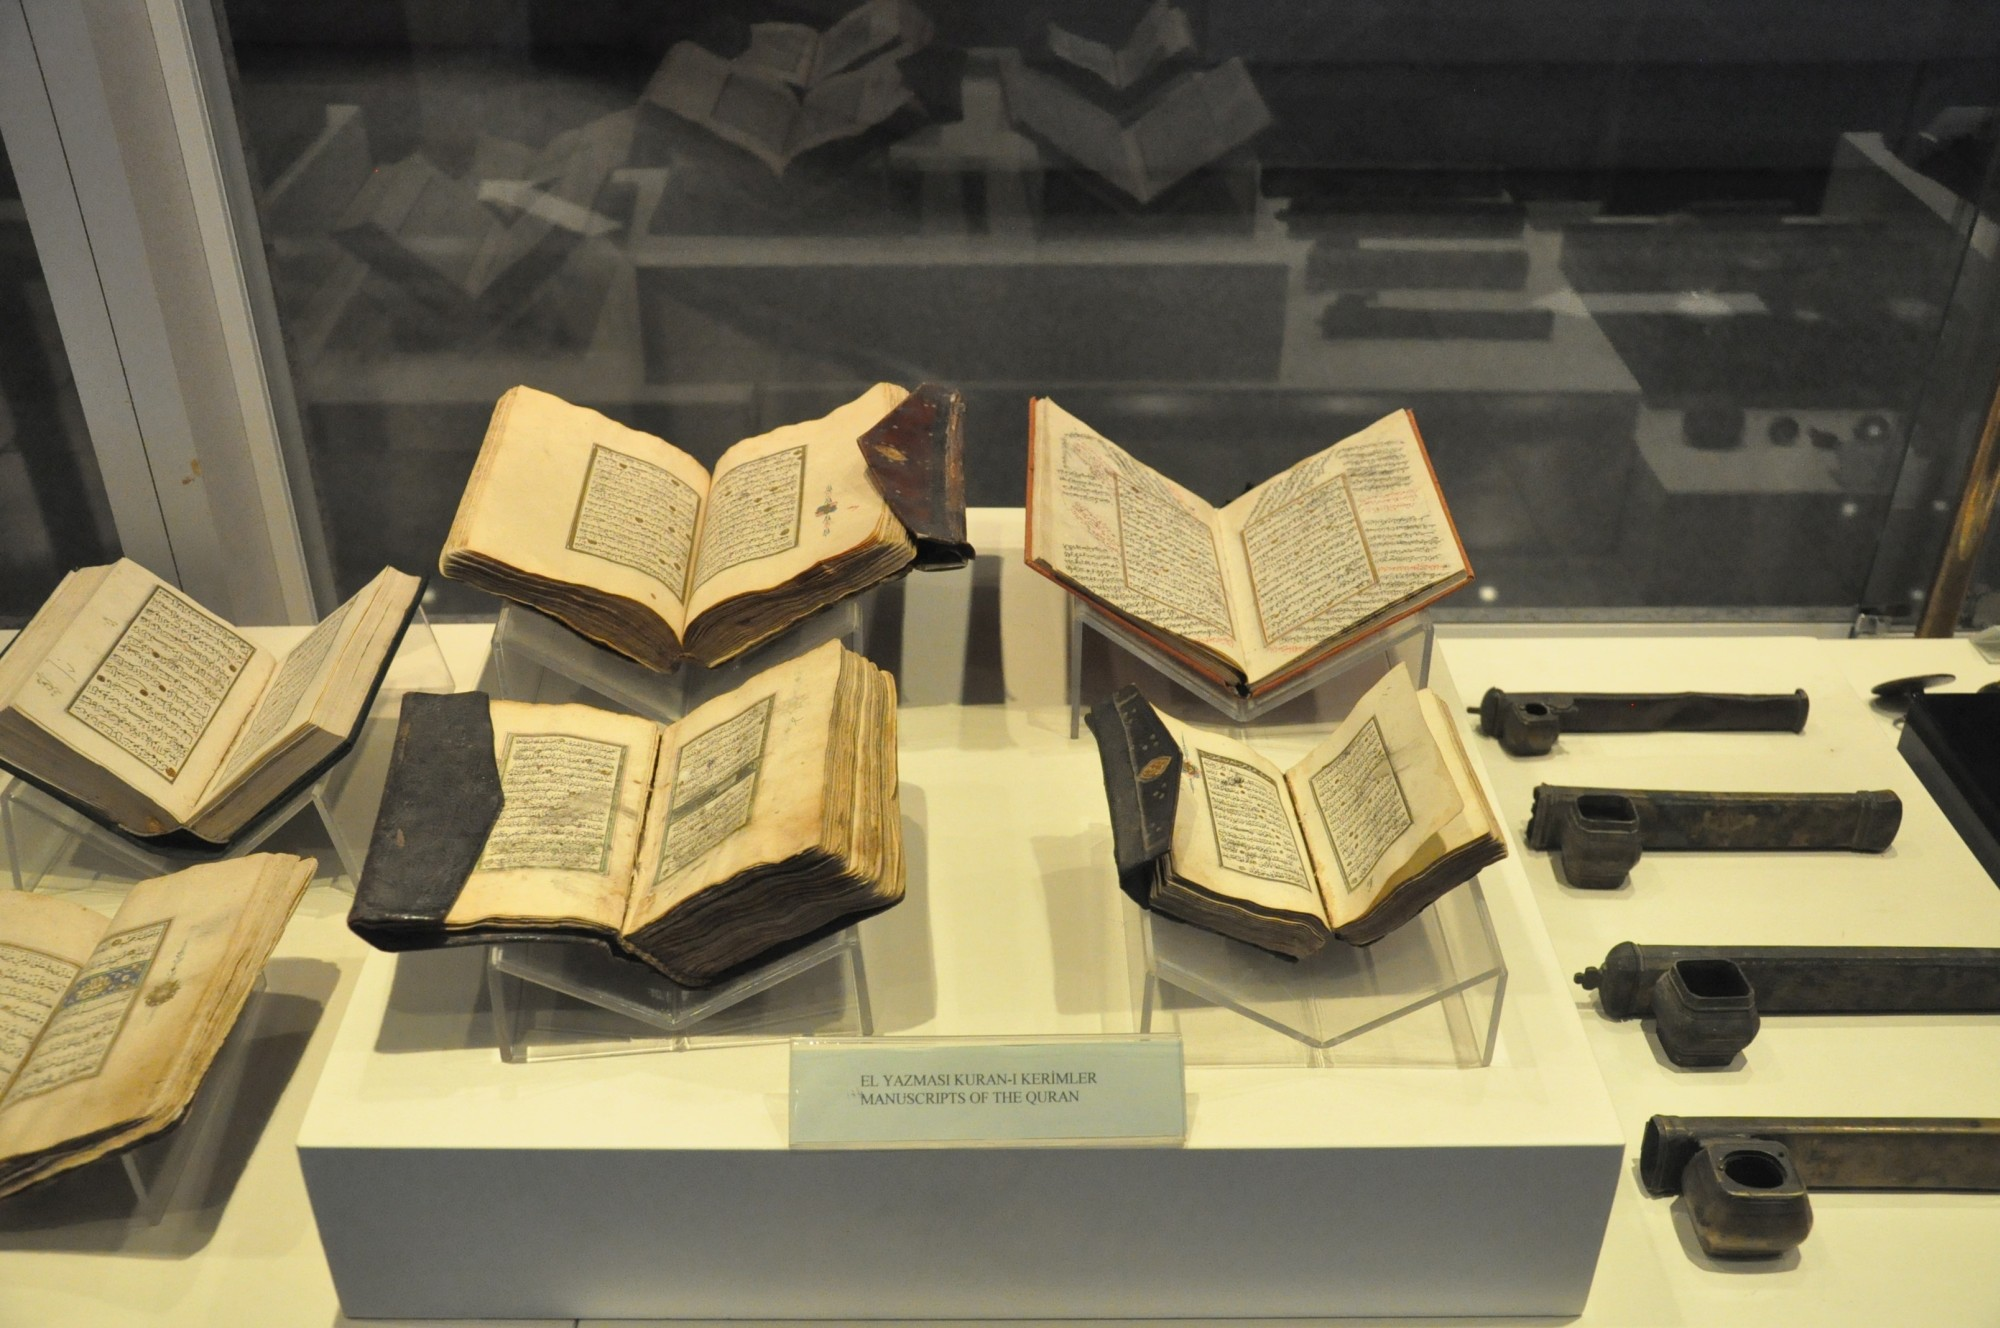 Manuskrypty Koranu